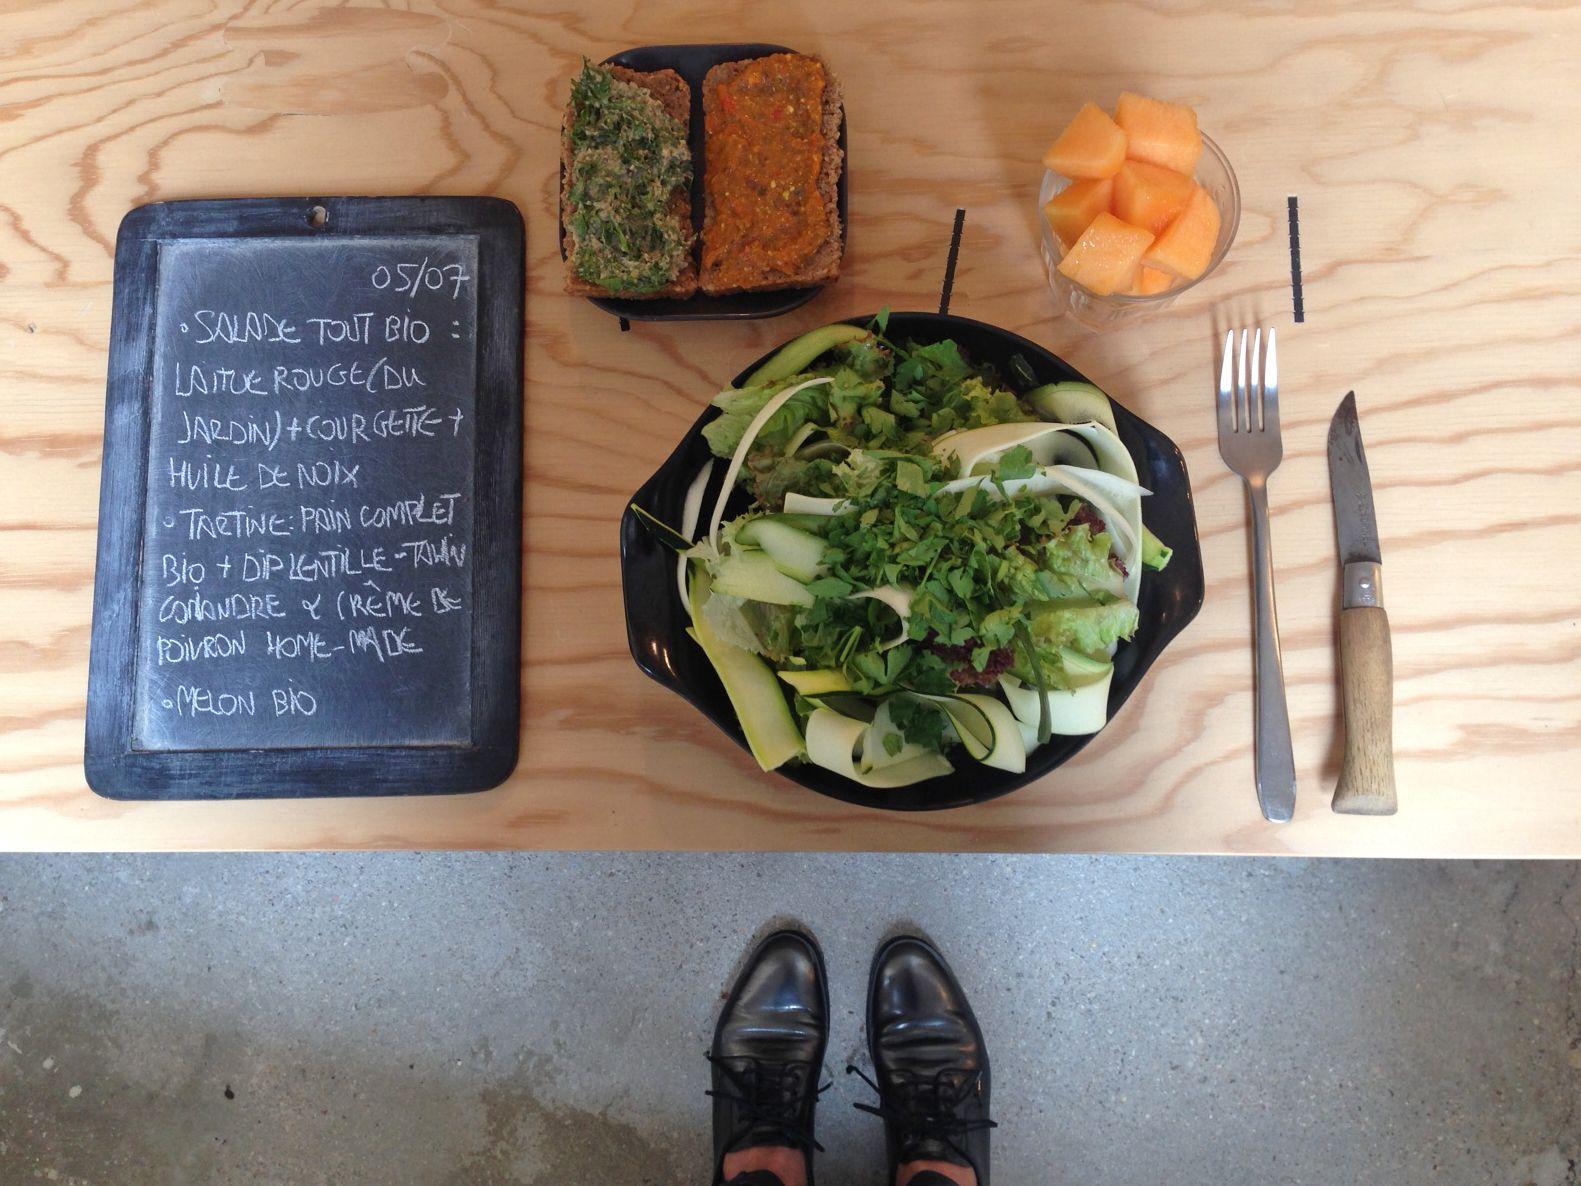 BENTO DU JOUR 05/07/2016 : Salade tout bio : Laitue rouge (du jardin) + courgettes + huile de noix - Tartines tout bio : pain complet + dil lentille-tahin-coriandre & crème de poivron home-made - Melon bio